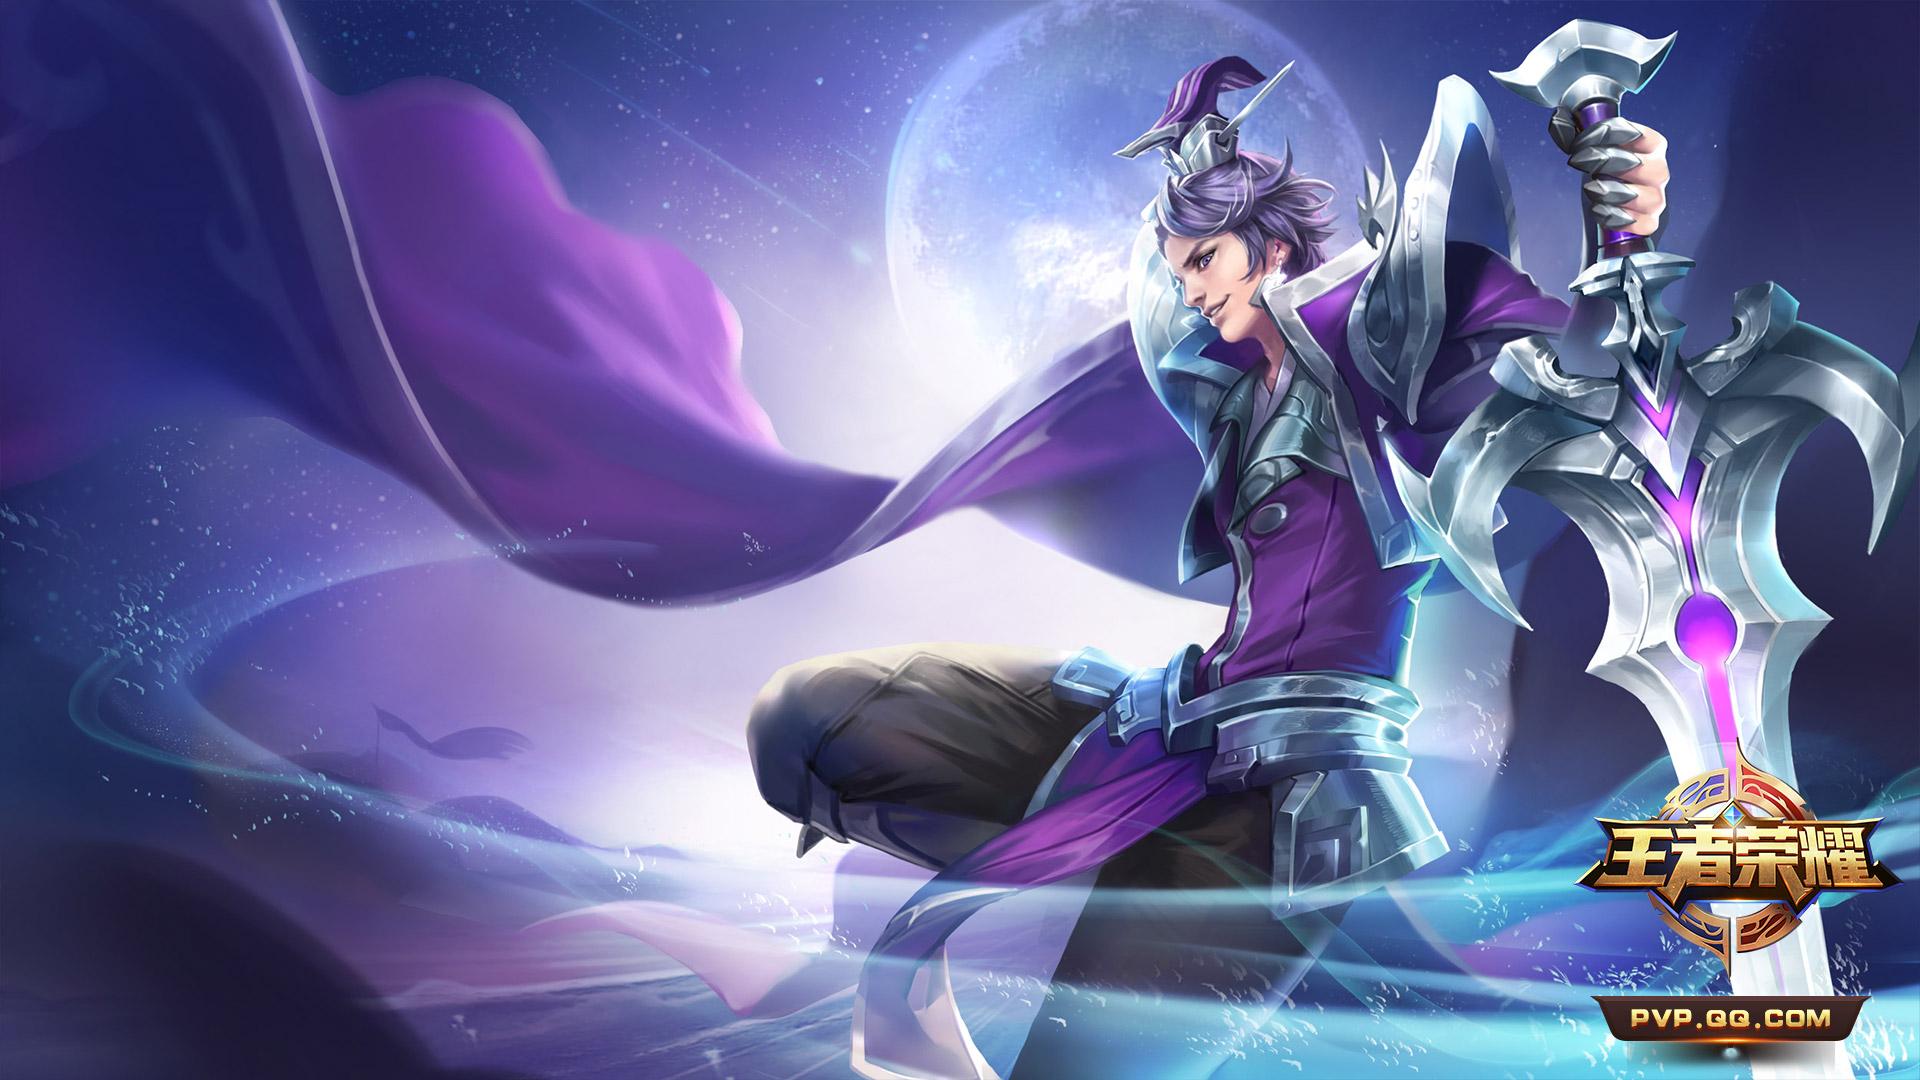 第1弹《王者荣耀英雄皮肤CG》竞技游戏235